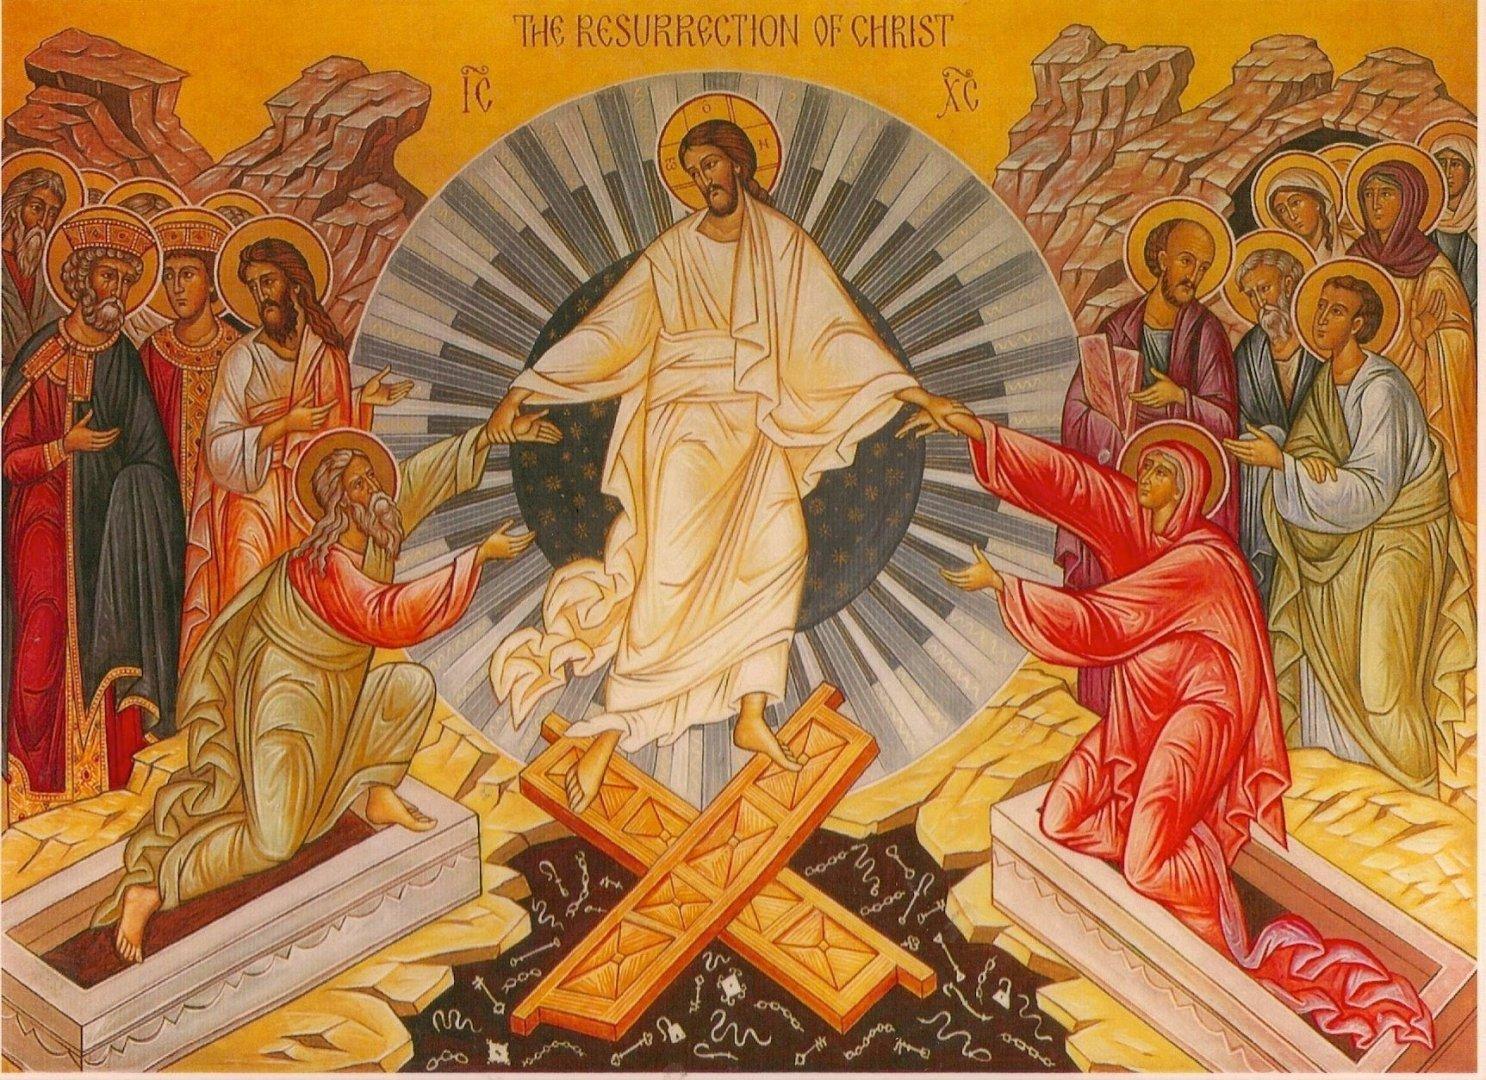 Възсение Господне се пада винаги 40 дни след Възкресение Христово